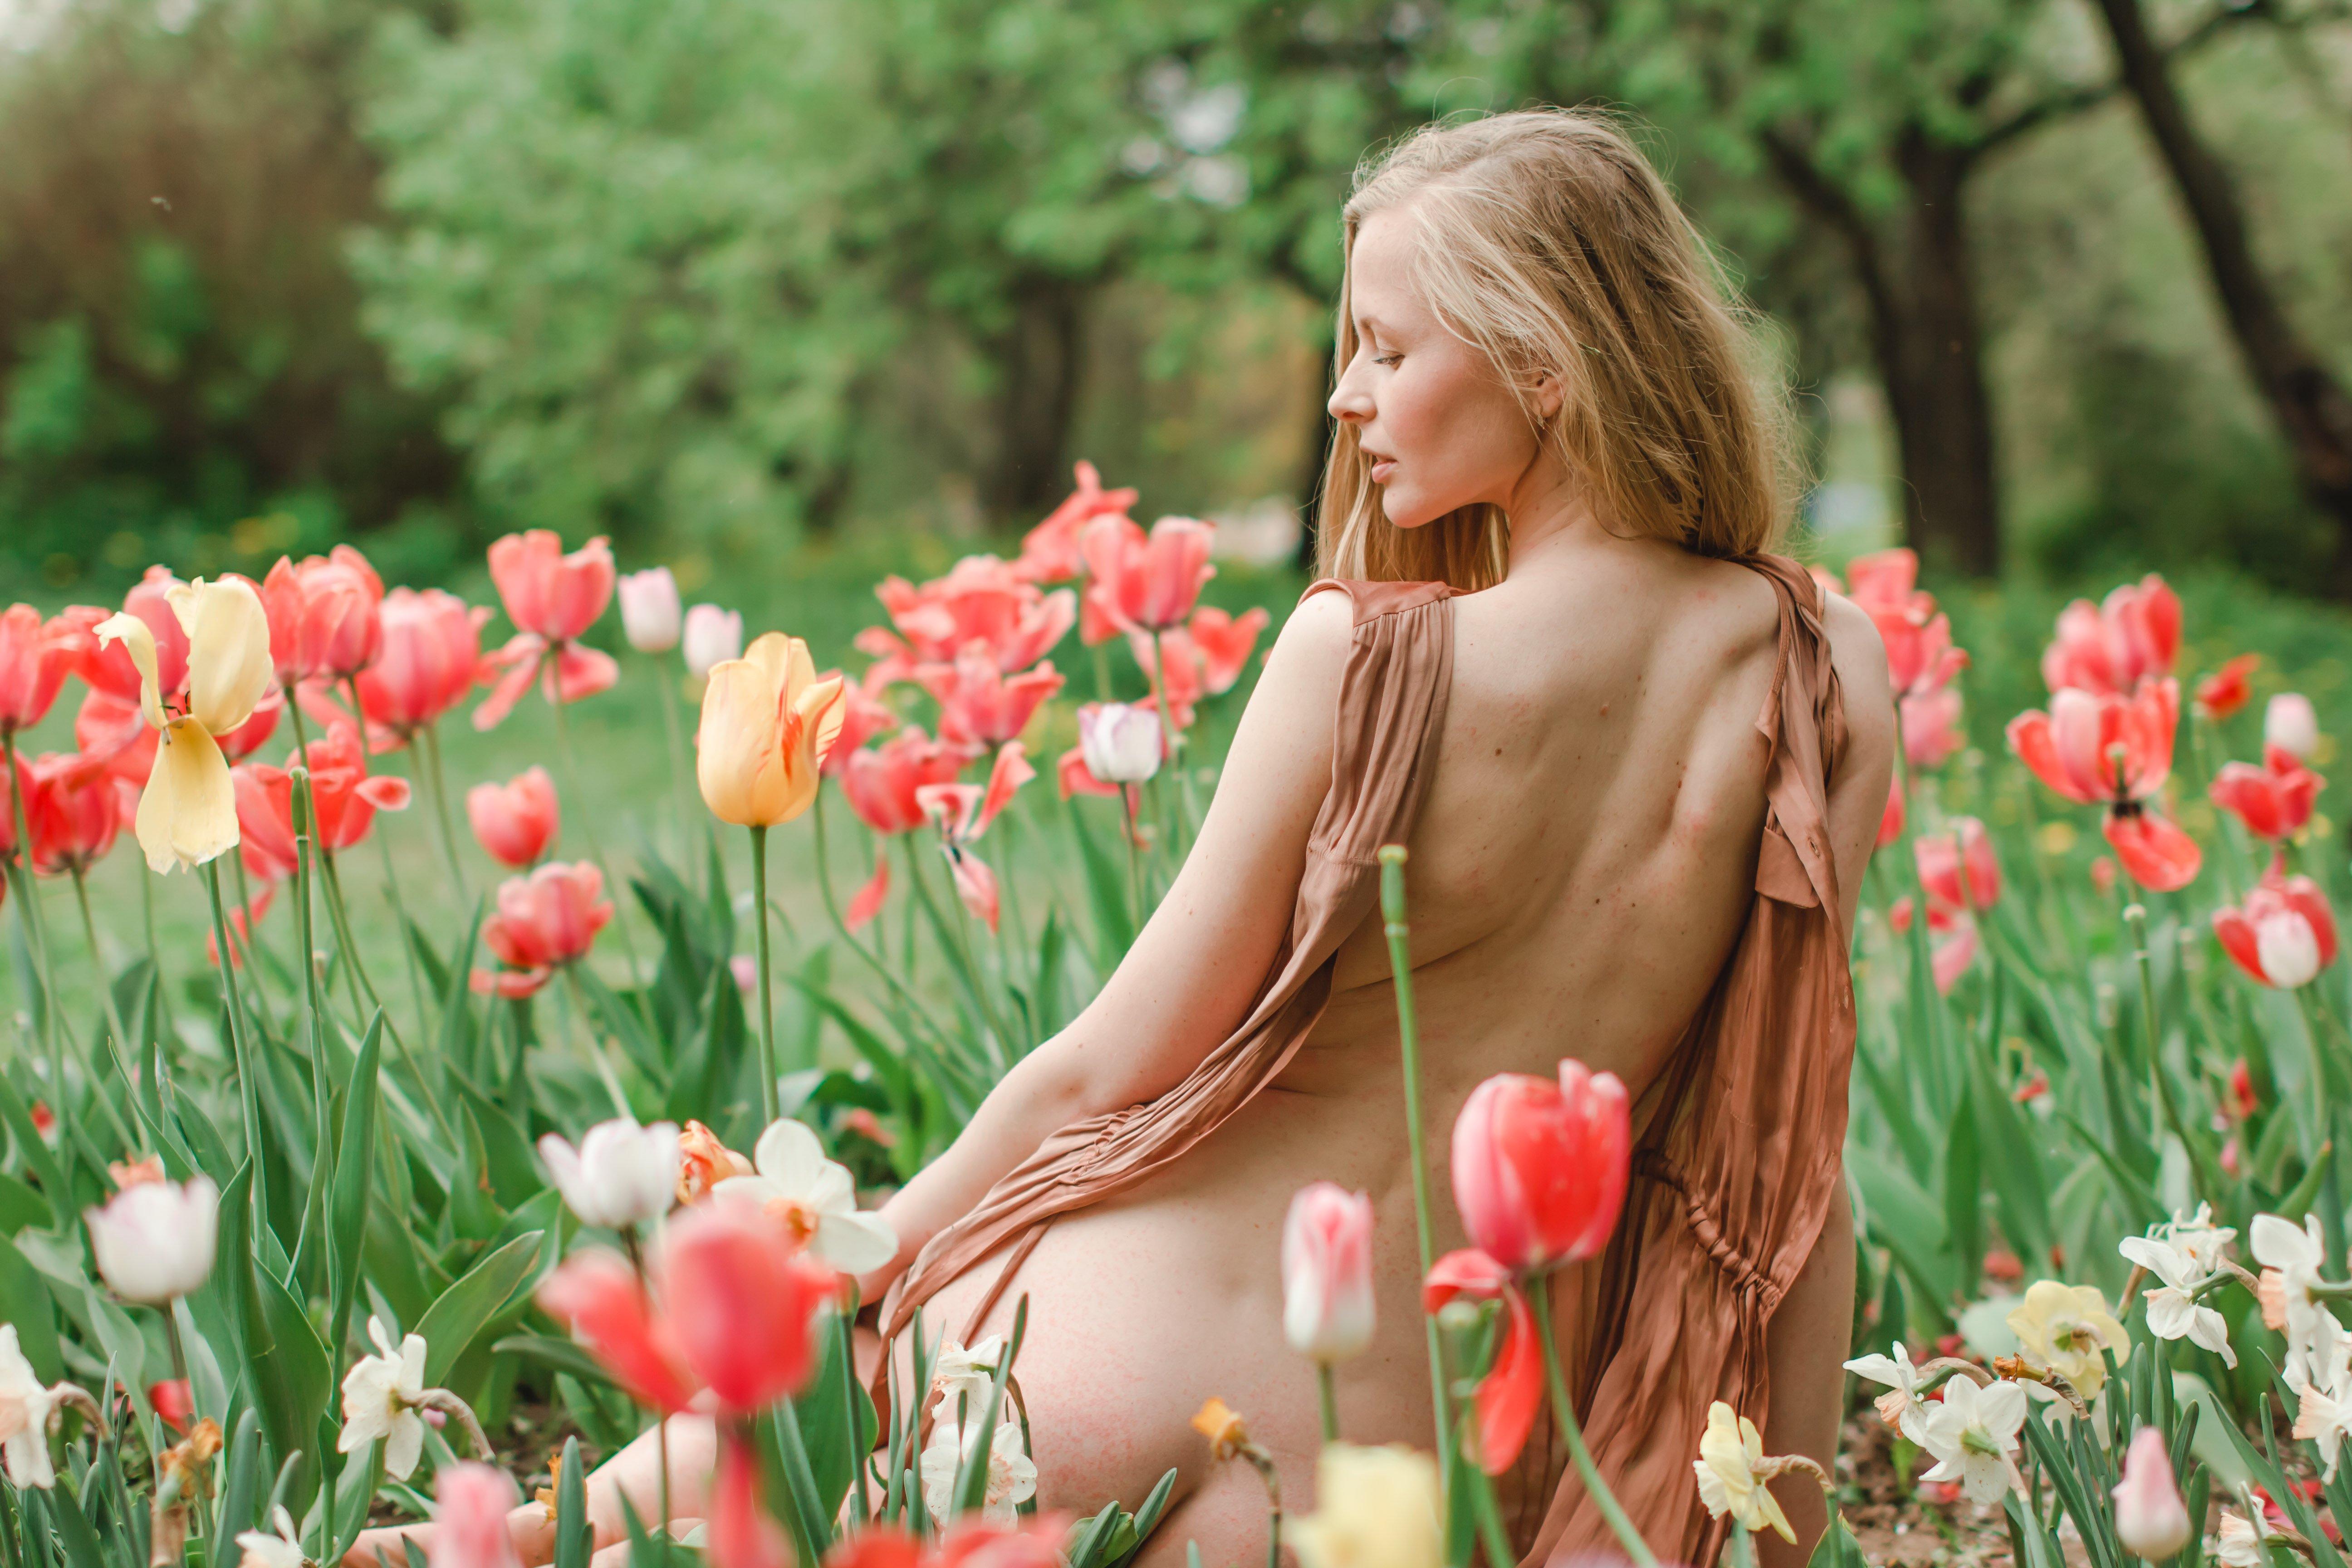 пленэр, портрет, девушка, модель, Анна Петина